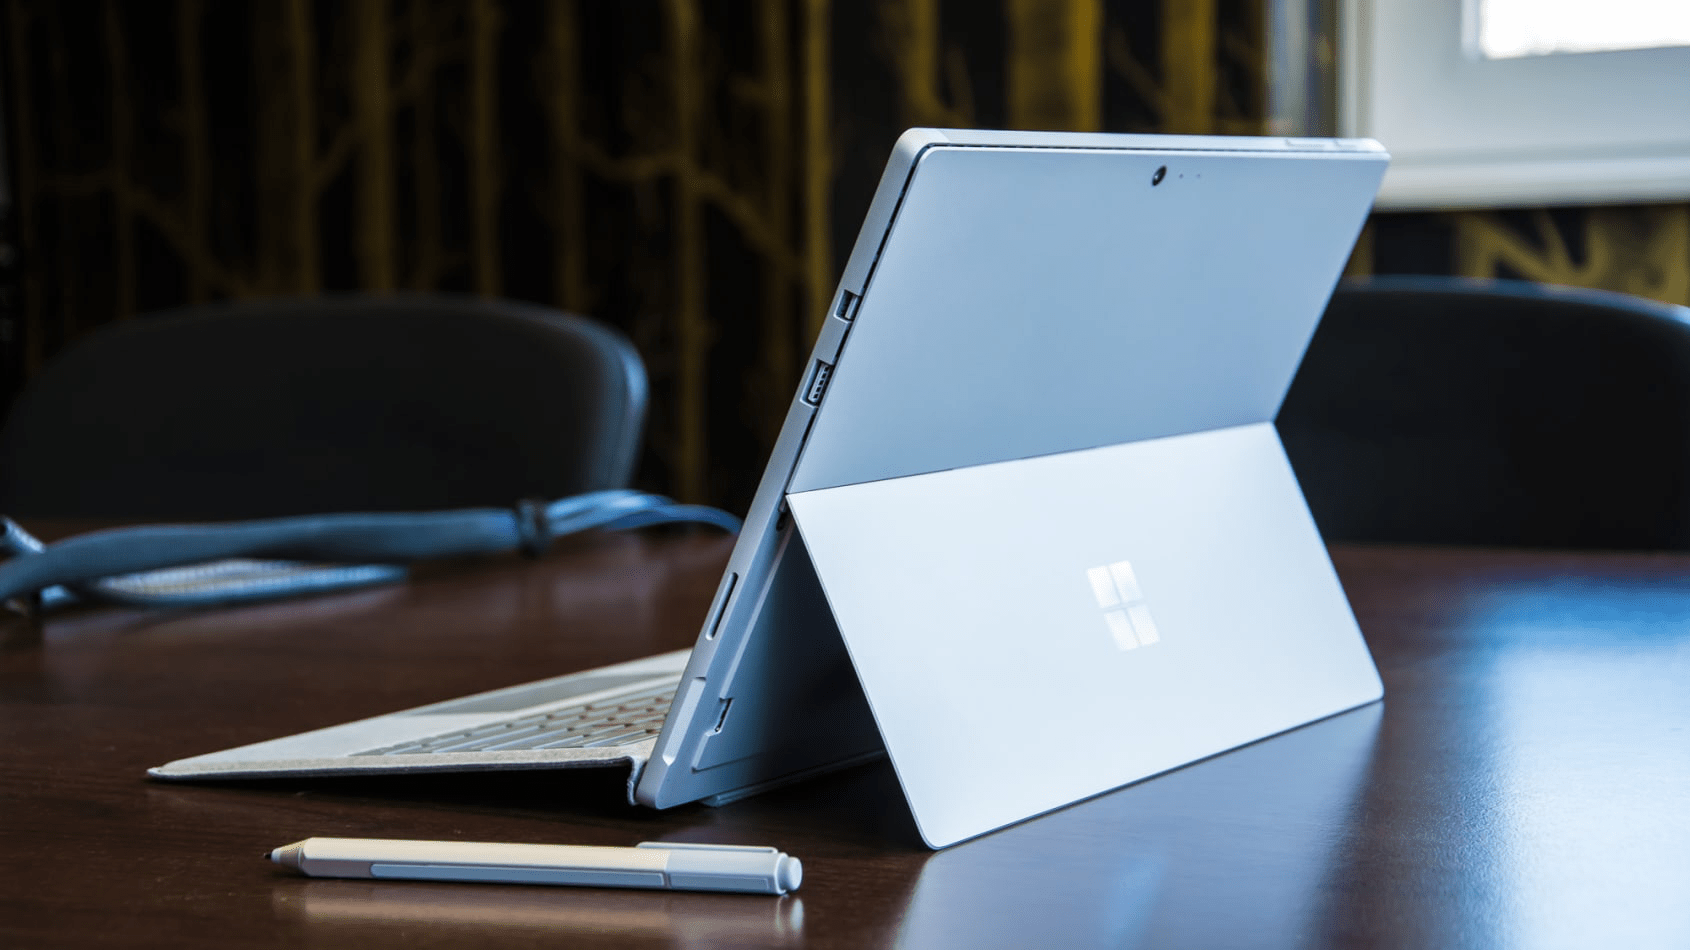 Thiếu sót lớn nhất của Surface Pro 5 chính là không hỗ trợ USB-C. (Nguồn: IT Pro)